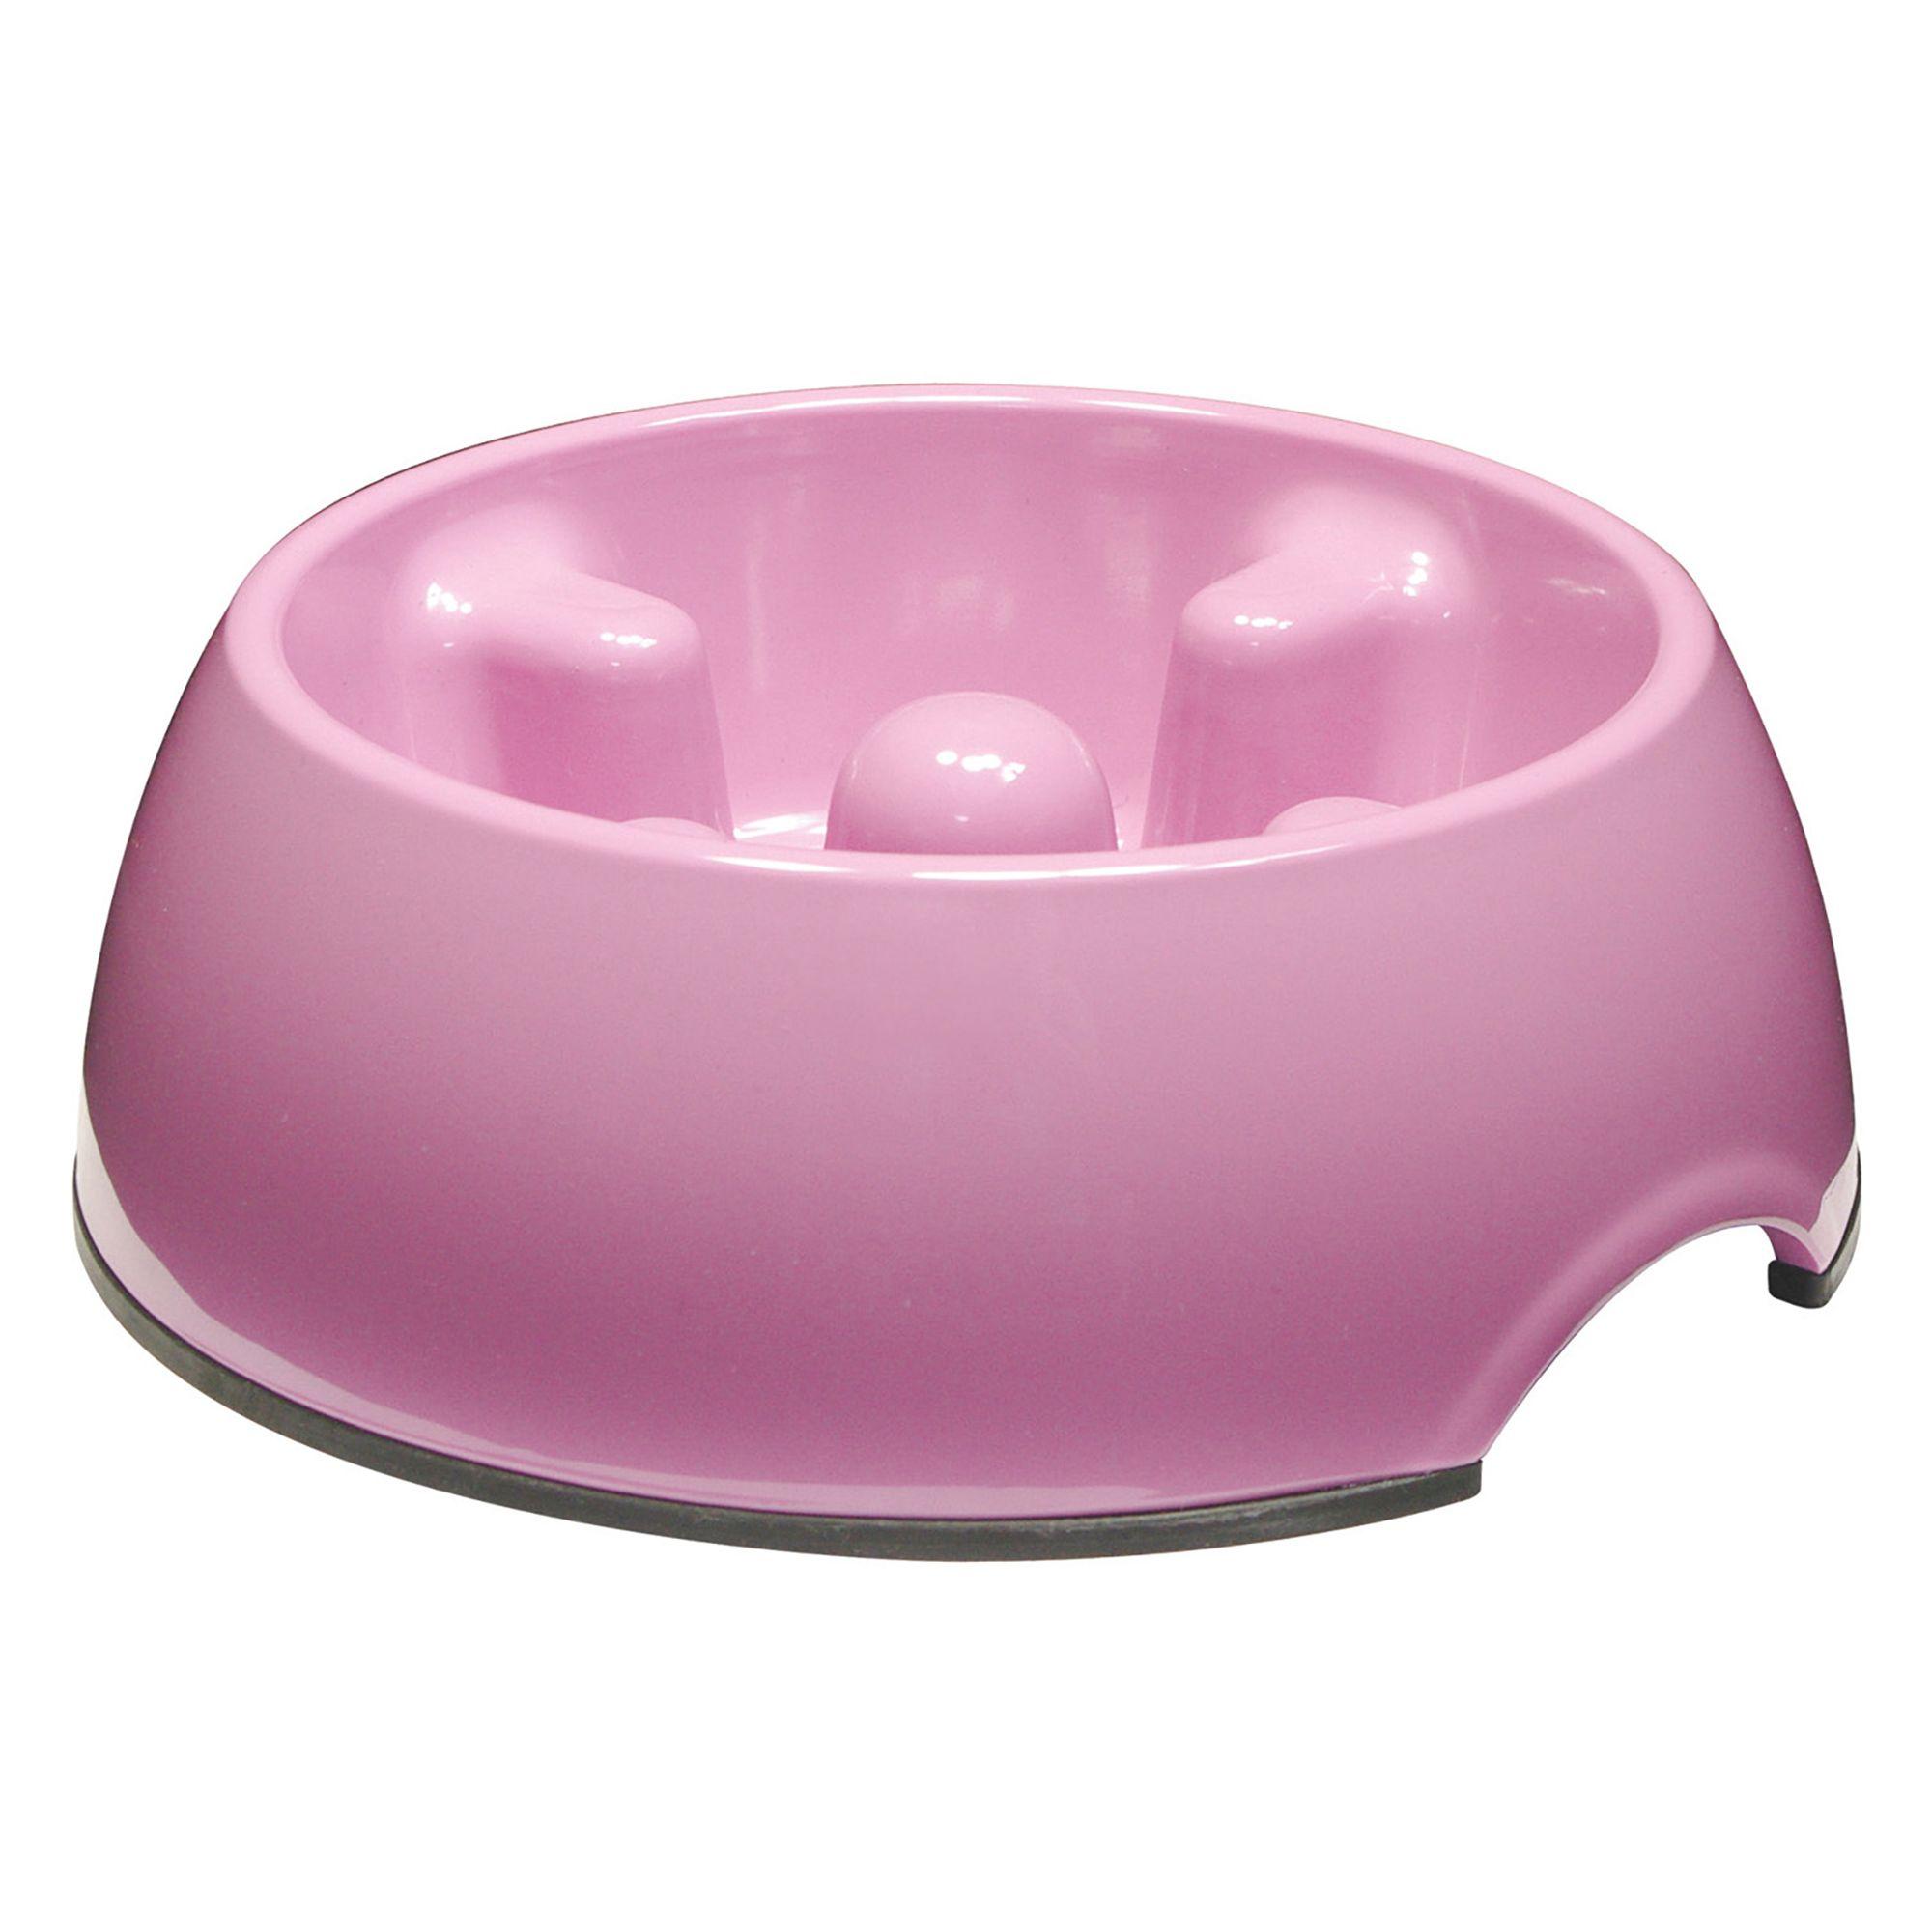 Dogit Go Slow Dog Bowl Size 10.1 Fl Oz Pink